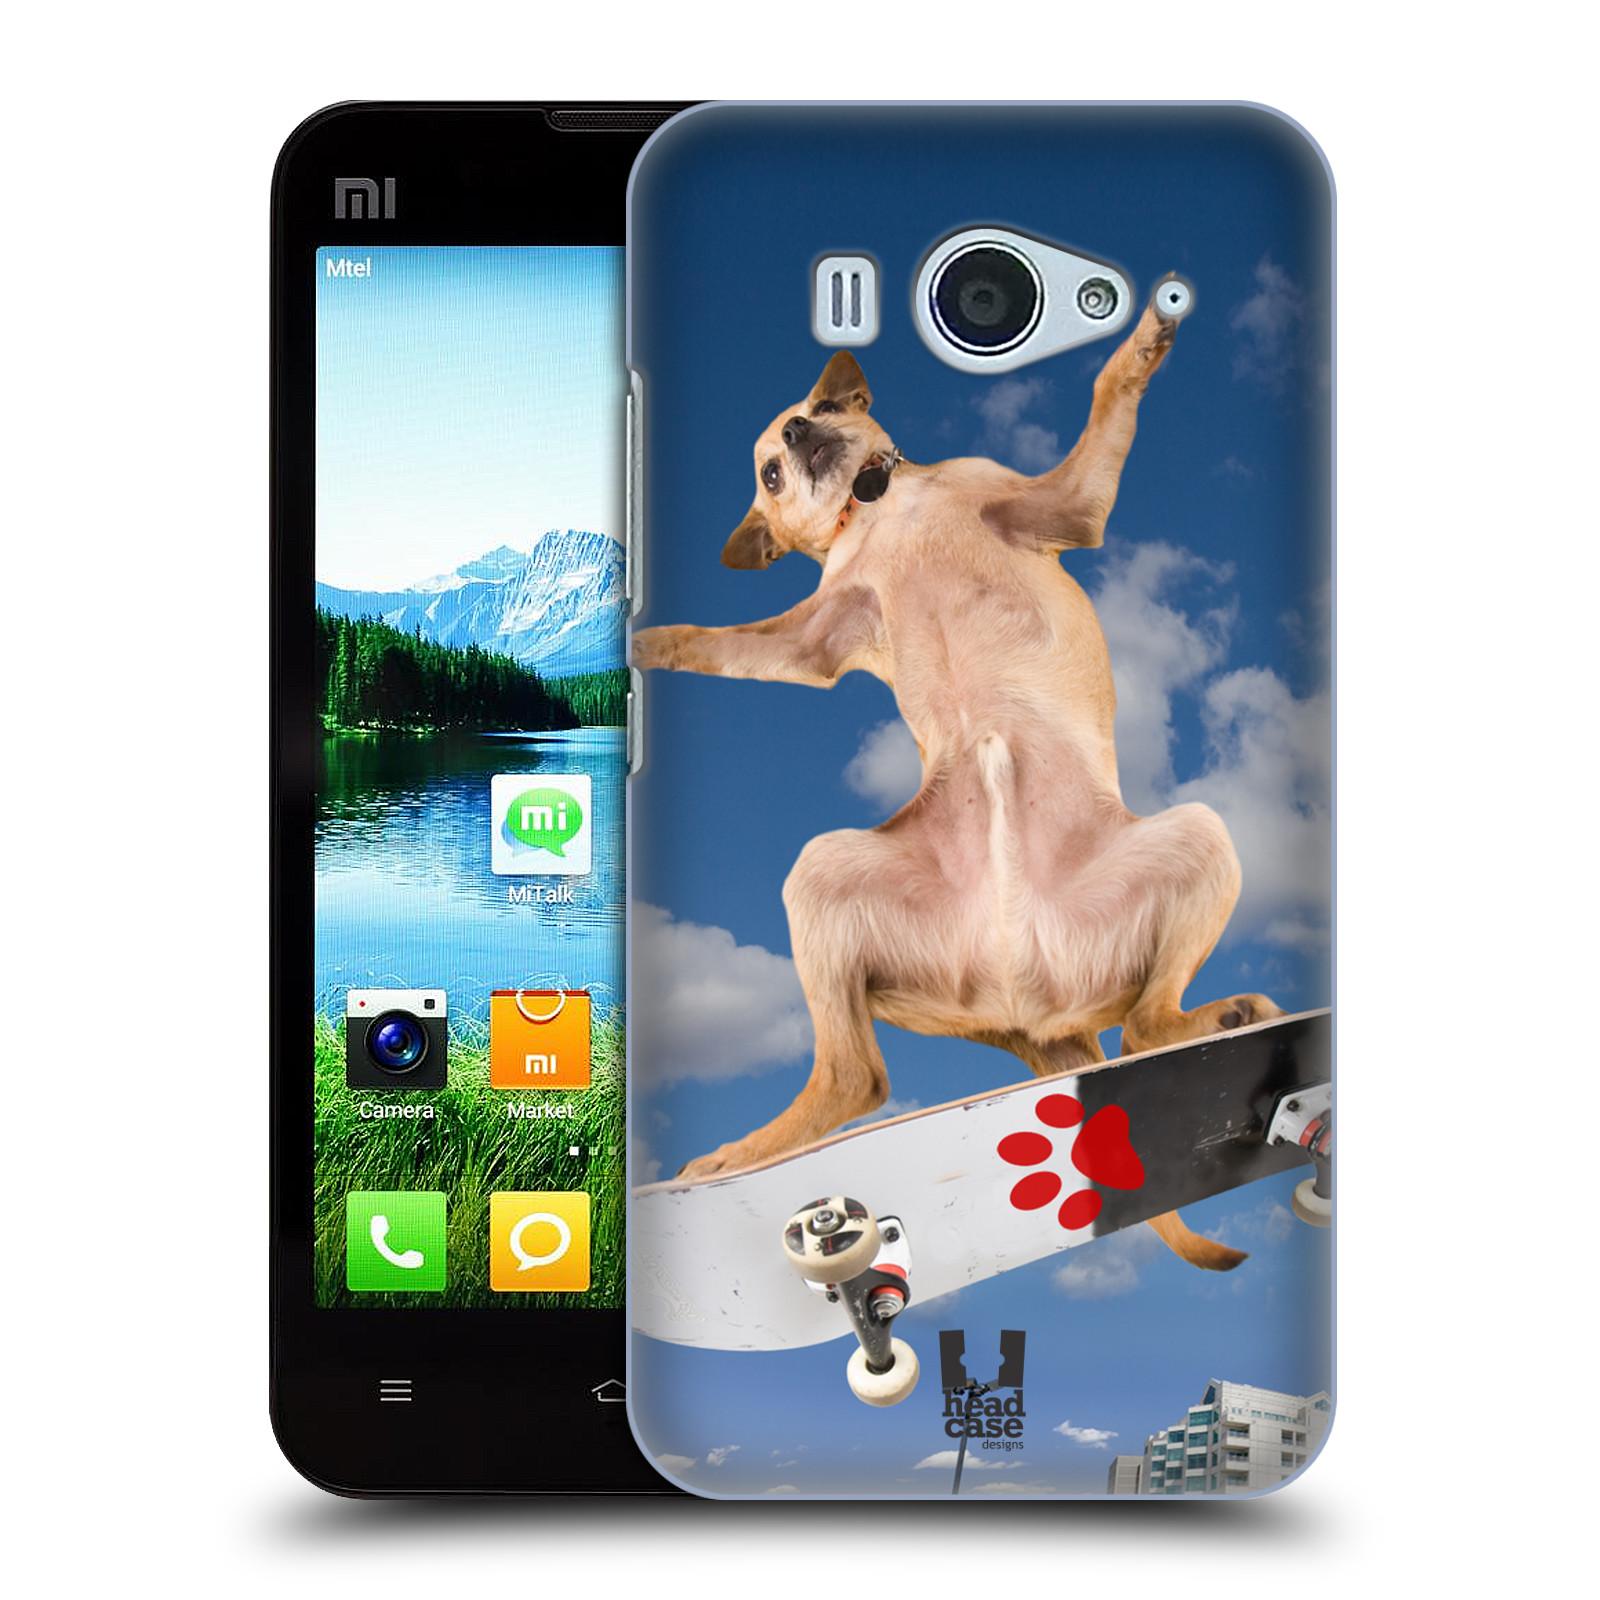 HEAD CASE pevný plastový obal na mobil XIAOMI MI2s vzor Legrační zvířátka pejsek skateboard